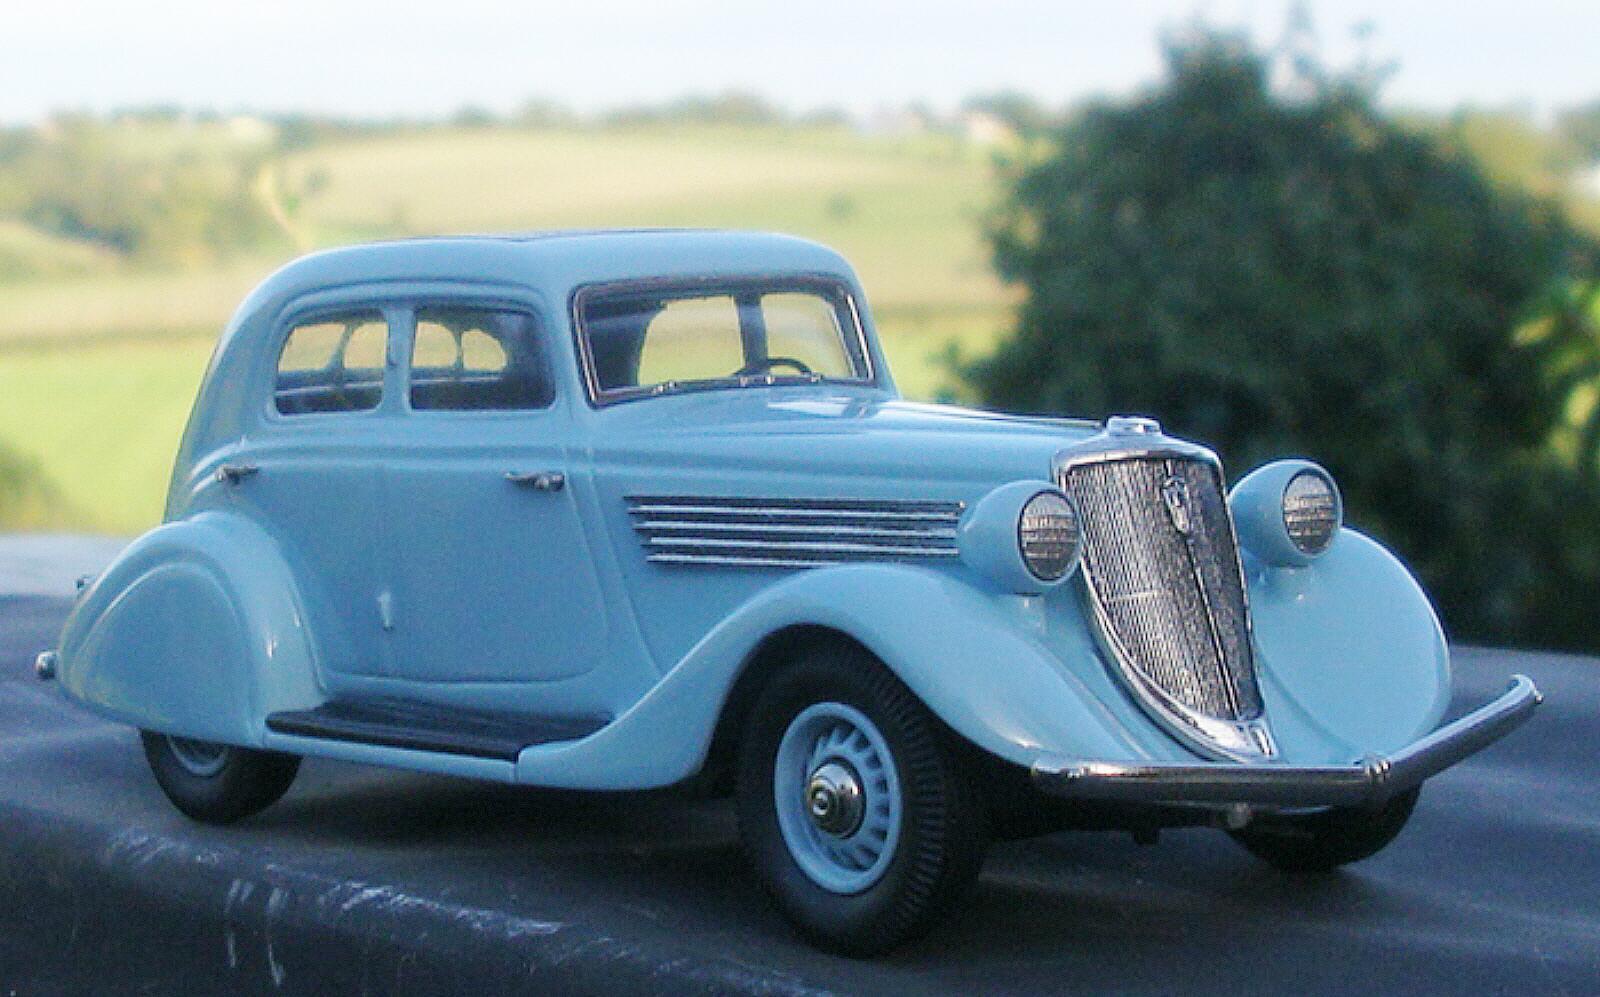 Con 100% de calidad y servicio de% 100. Brooklin Brooklin Brooklin modelos 1934 Studebaker Commander lansdcruiser Sedan  barato en alta calidad